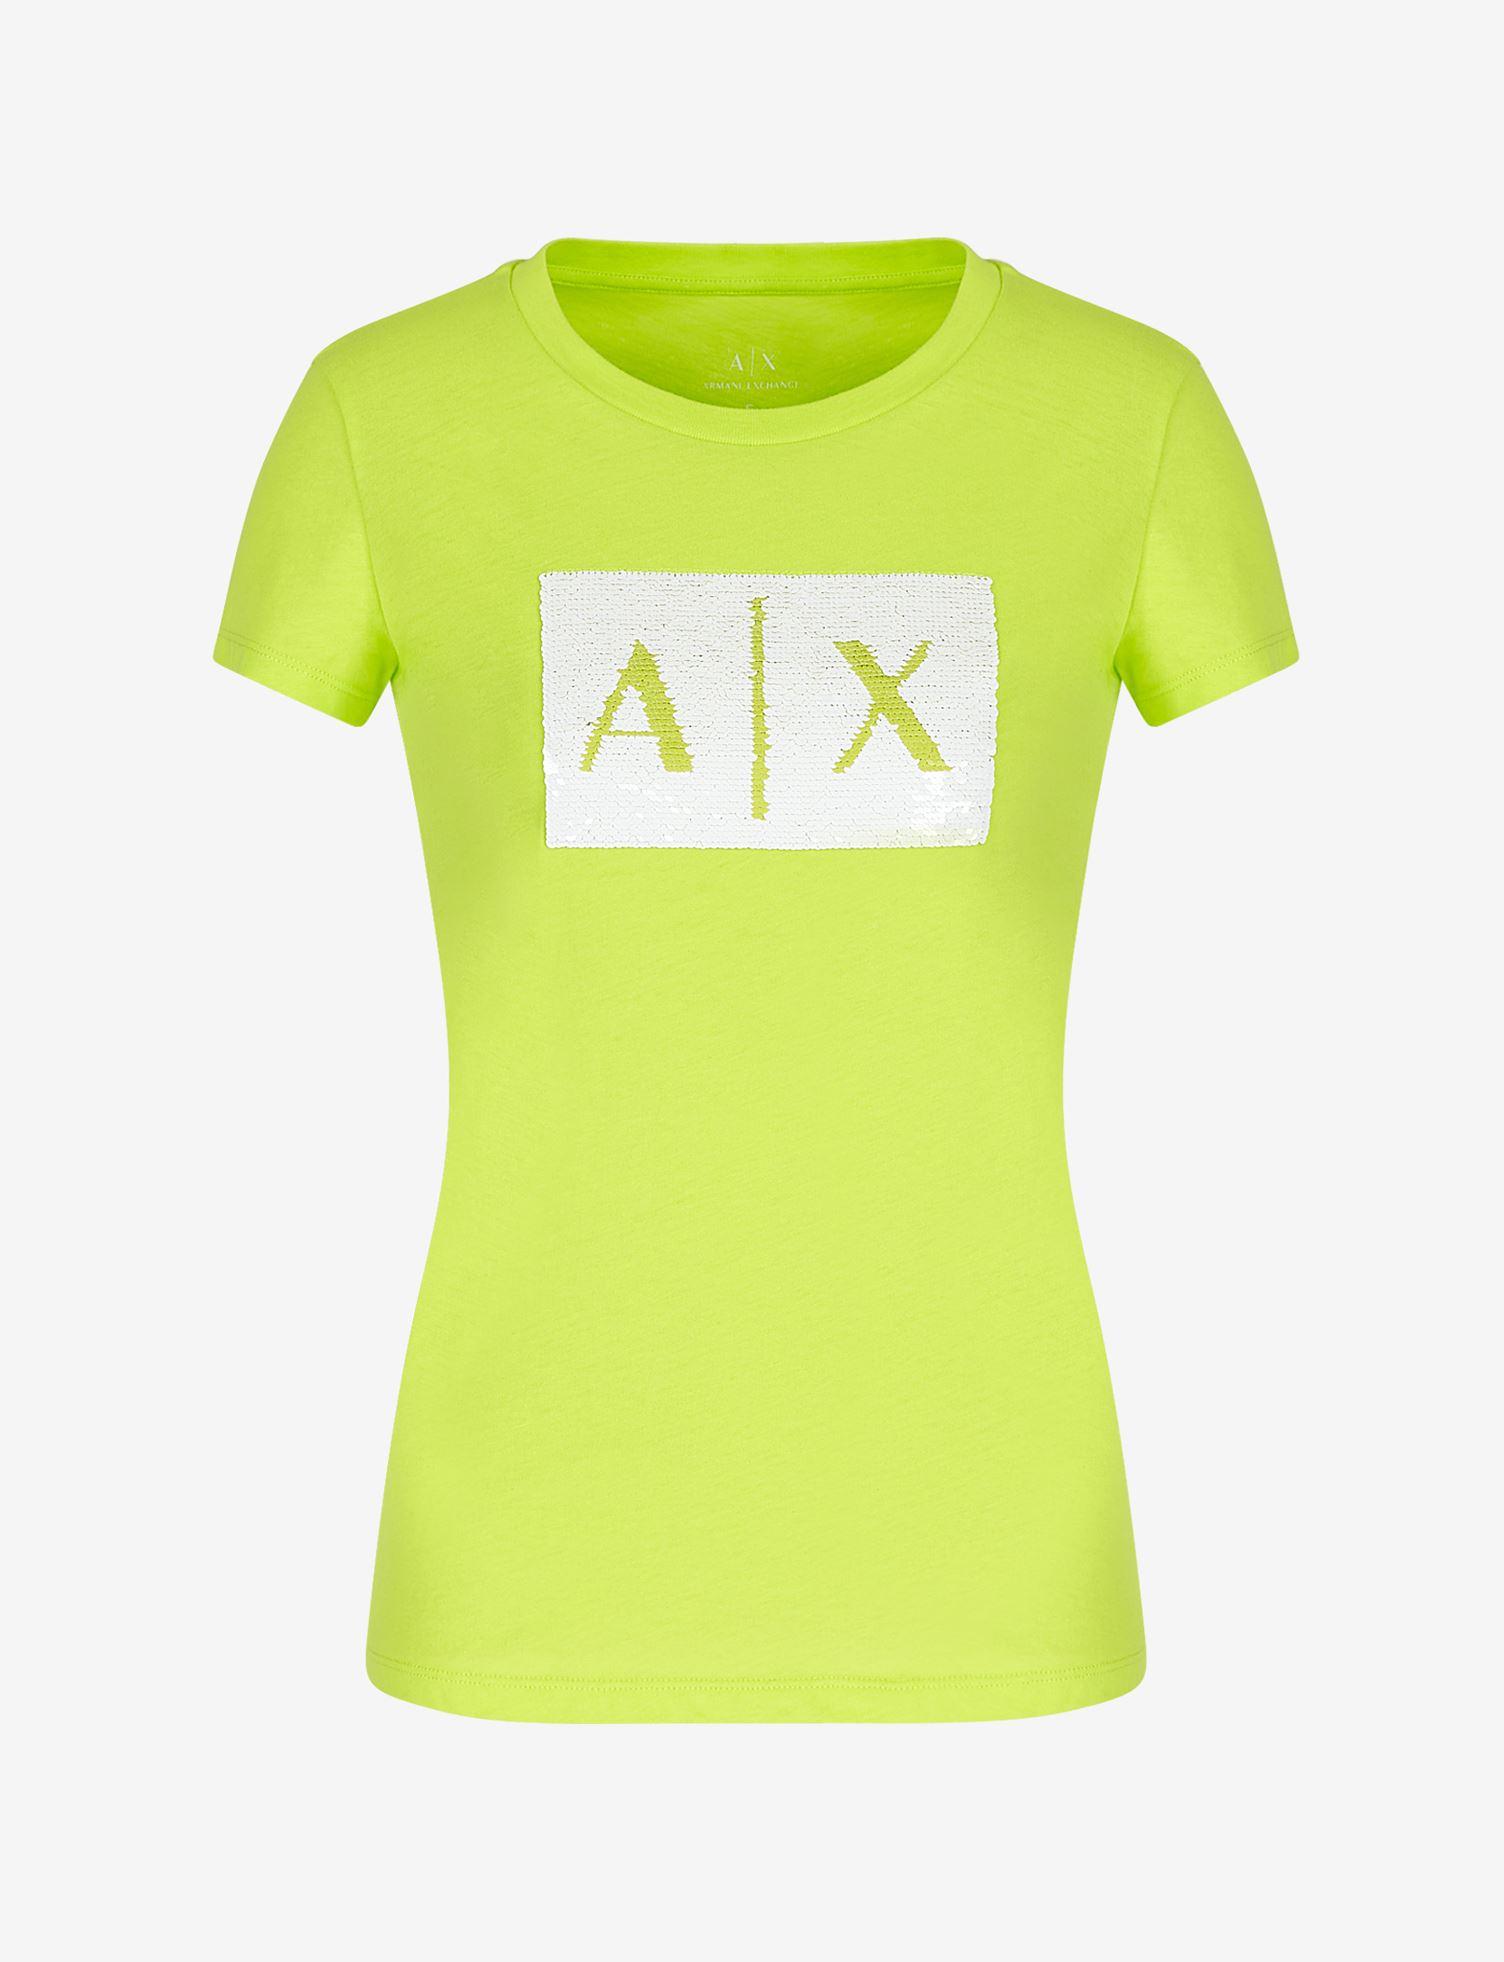 T-shirt con logo Armani Exchange ARMANI EXCHANGE | T-shirt | 8NYTDL-YJ73Z4870